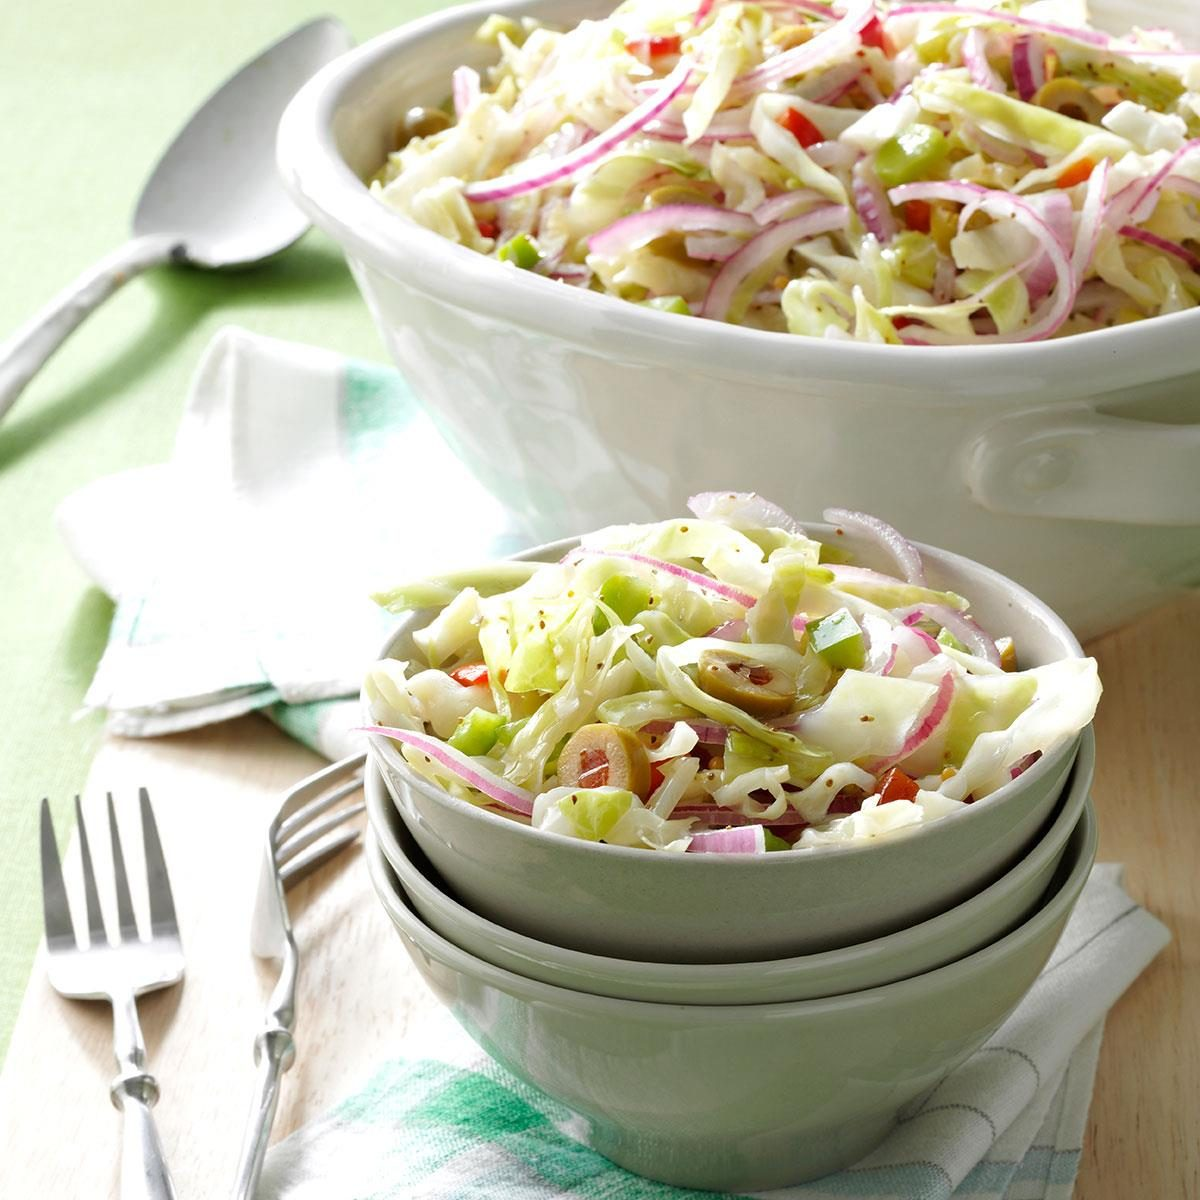 Make ahead salad dressing recipes